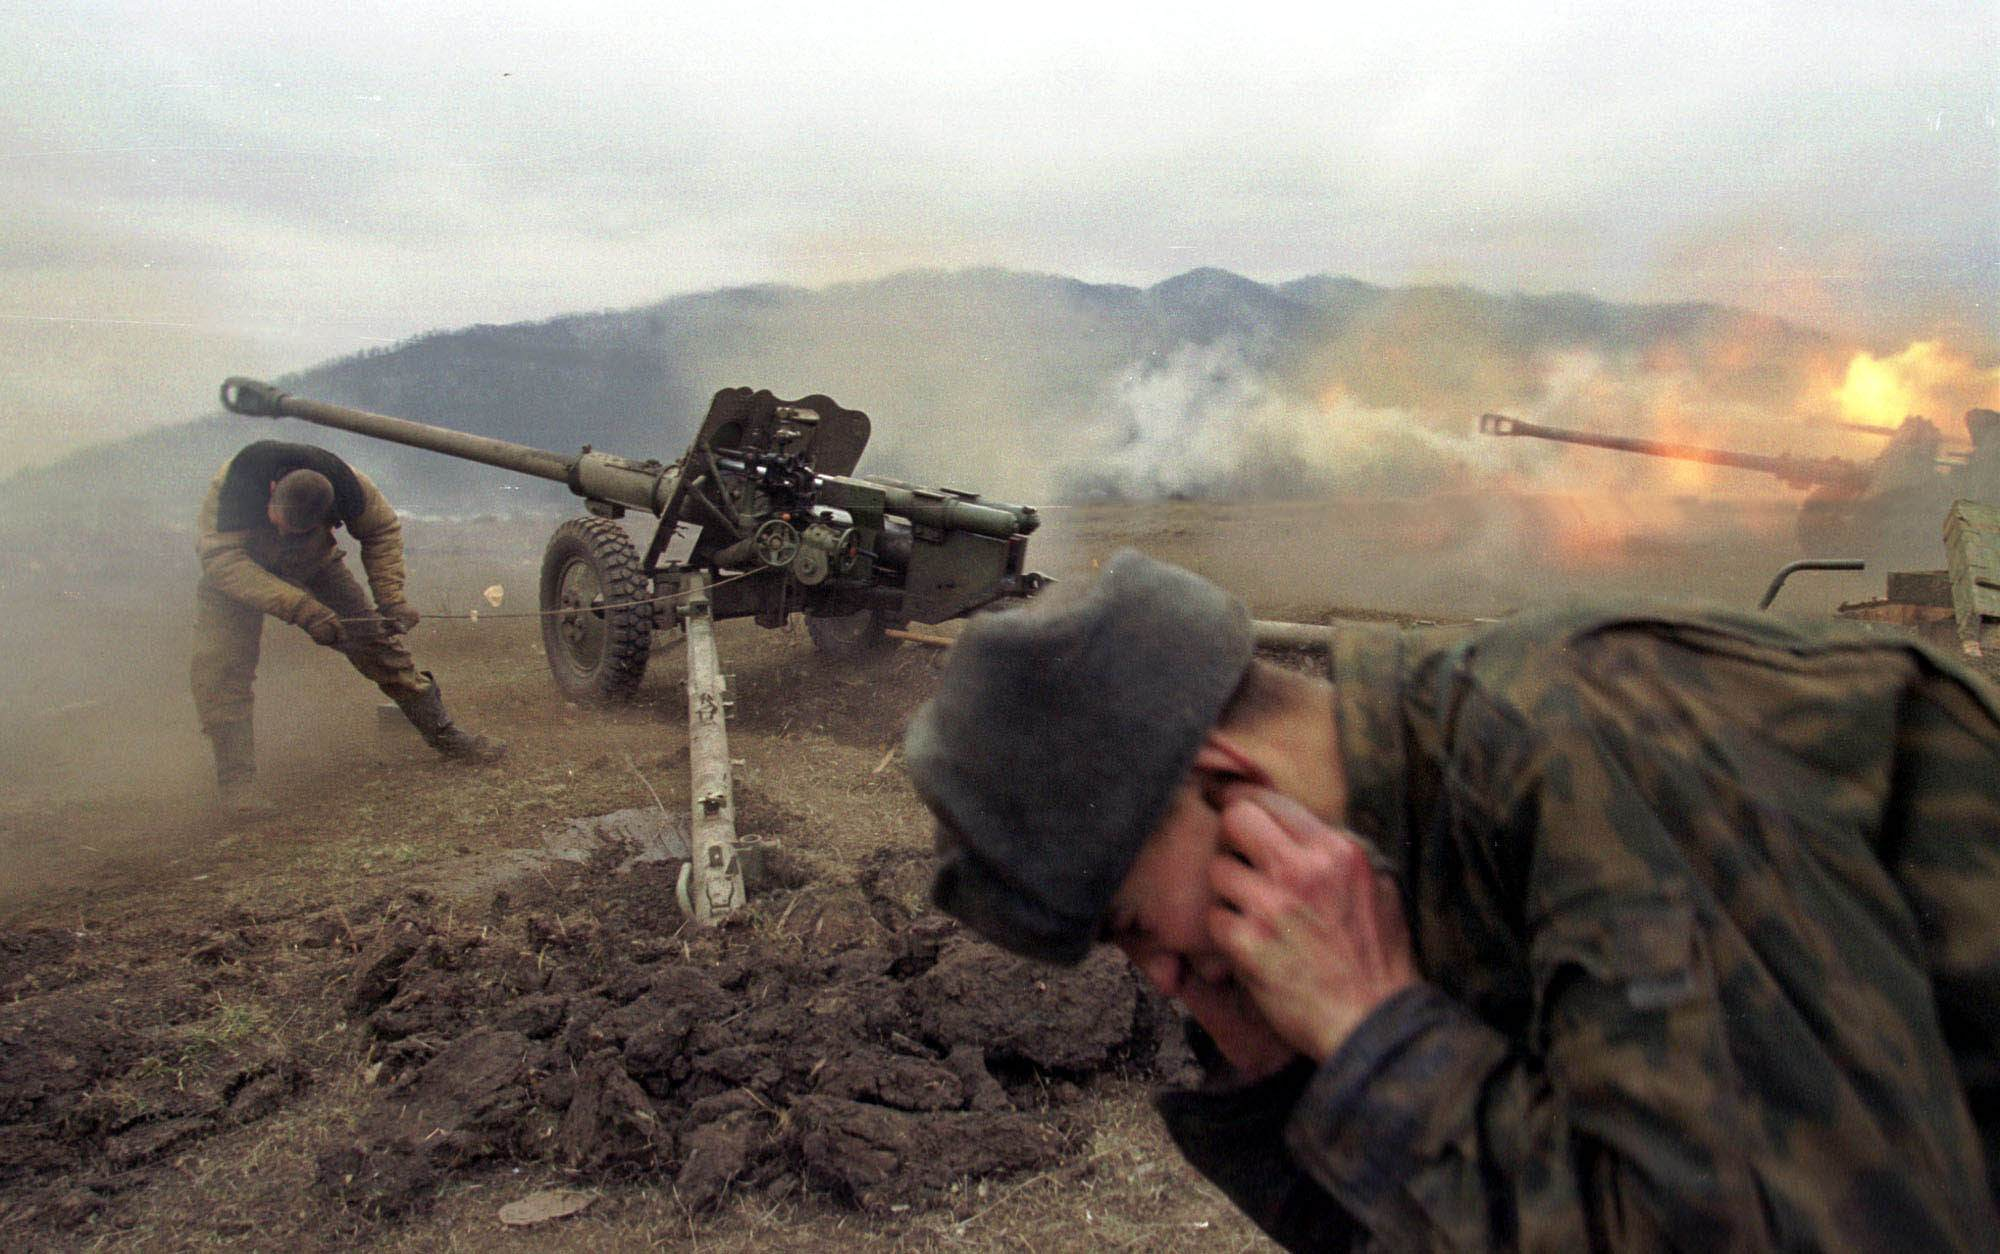 Федеральные войска обстреливают позиции чеченских боевиков/ Фото АР/ Максим Мармур